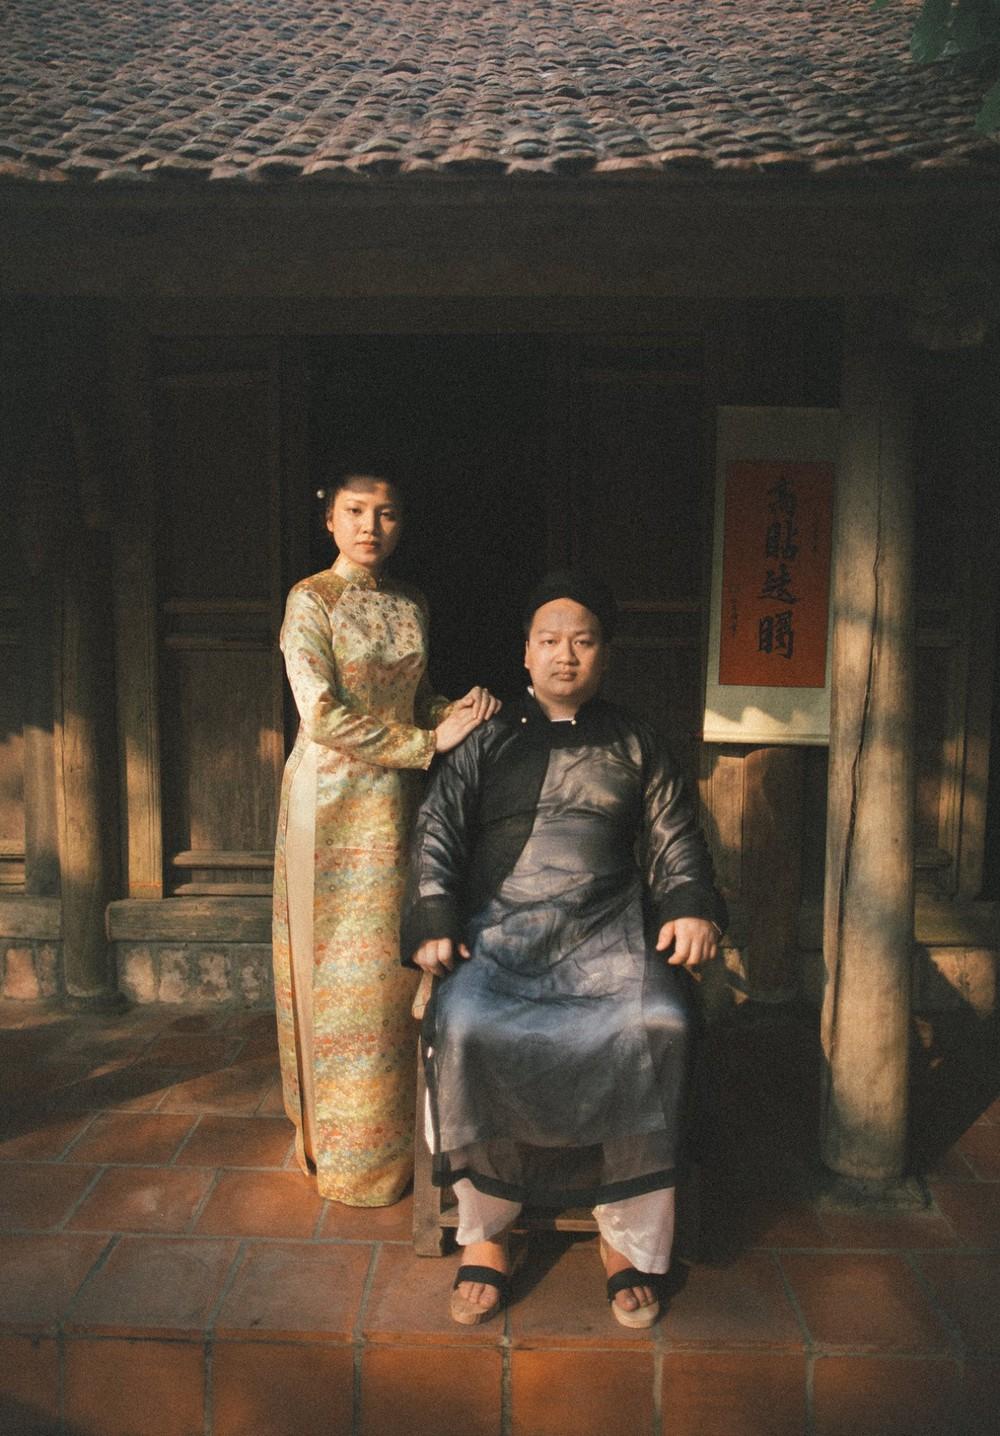 Bộ ảnh 100 năm đám cưới Việt Nam khiến người xem vừa lạ vừa quen - Ảnh 2.